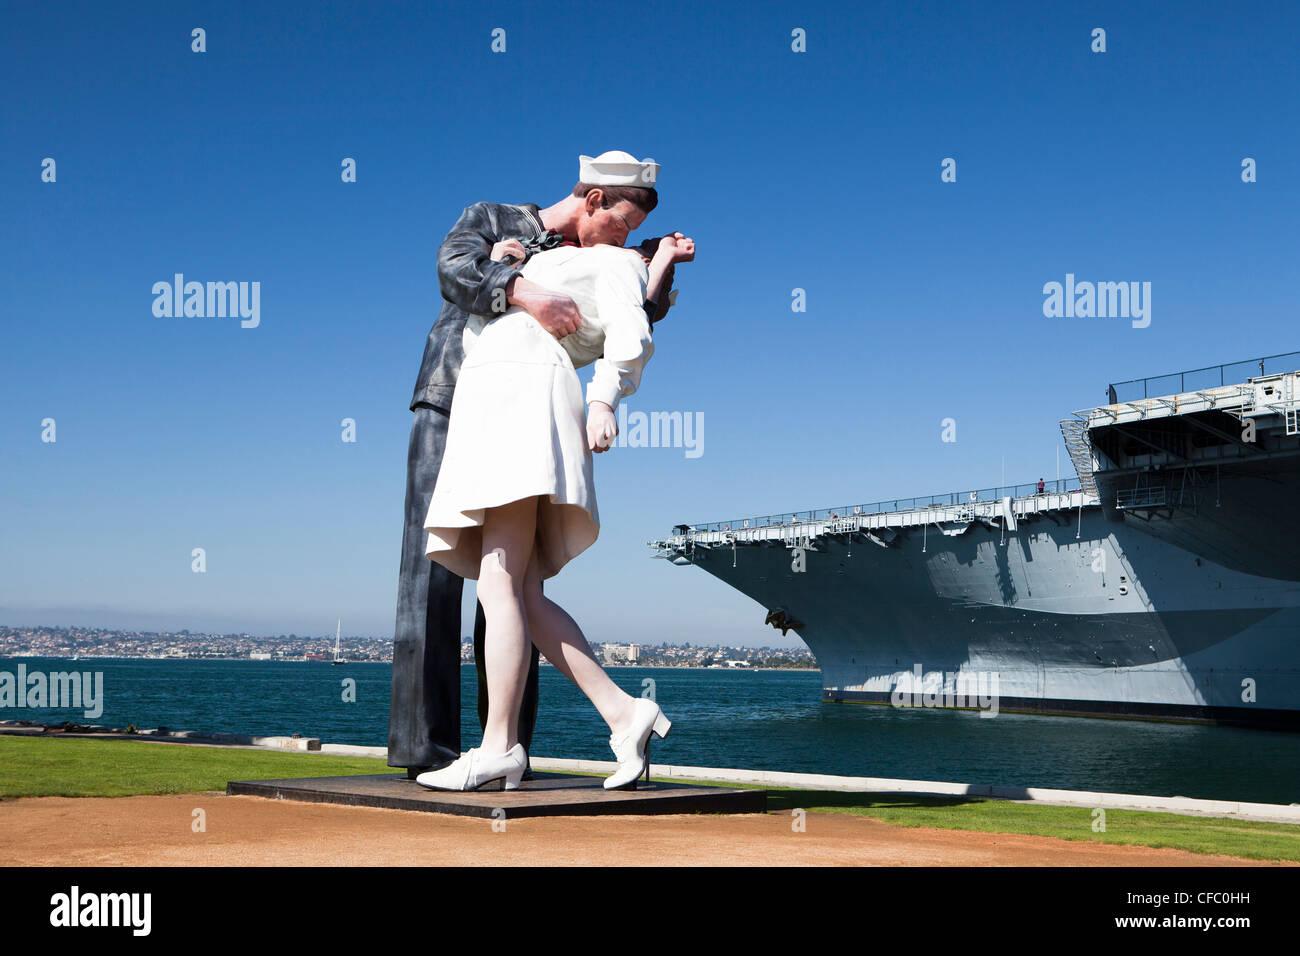 USA, United States, Amérique, Californie, San Diego, ville, à mi-chemin entre nous, parc à thème, Marin, s'embrasser, Banque D'Images